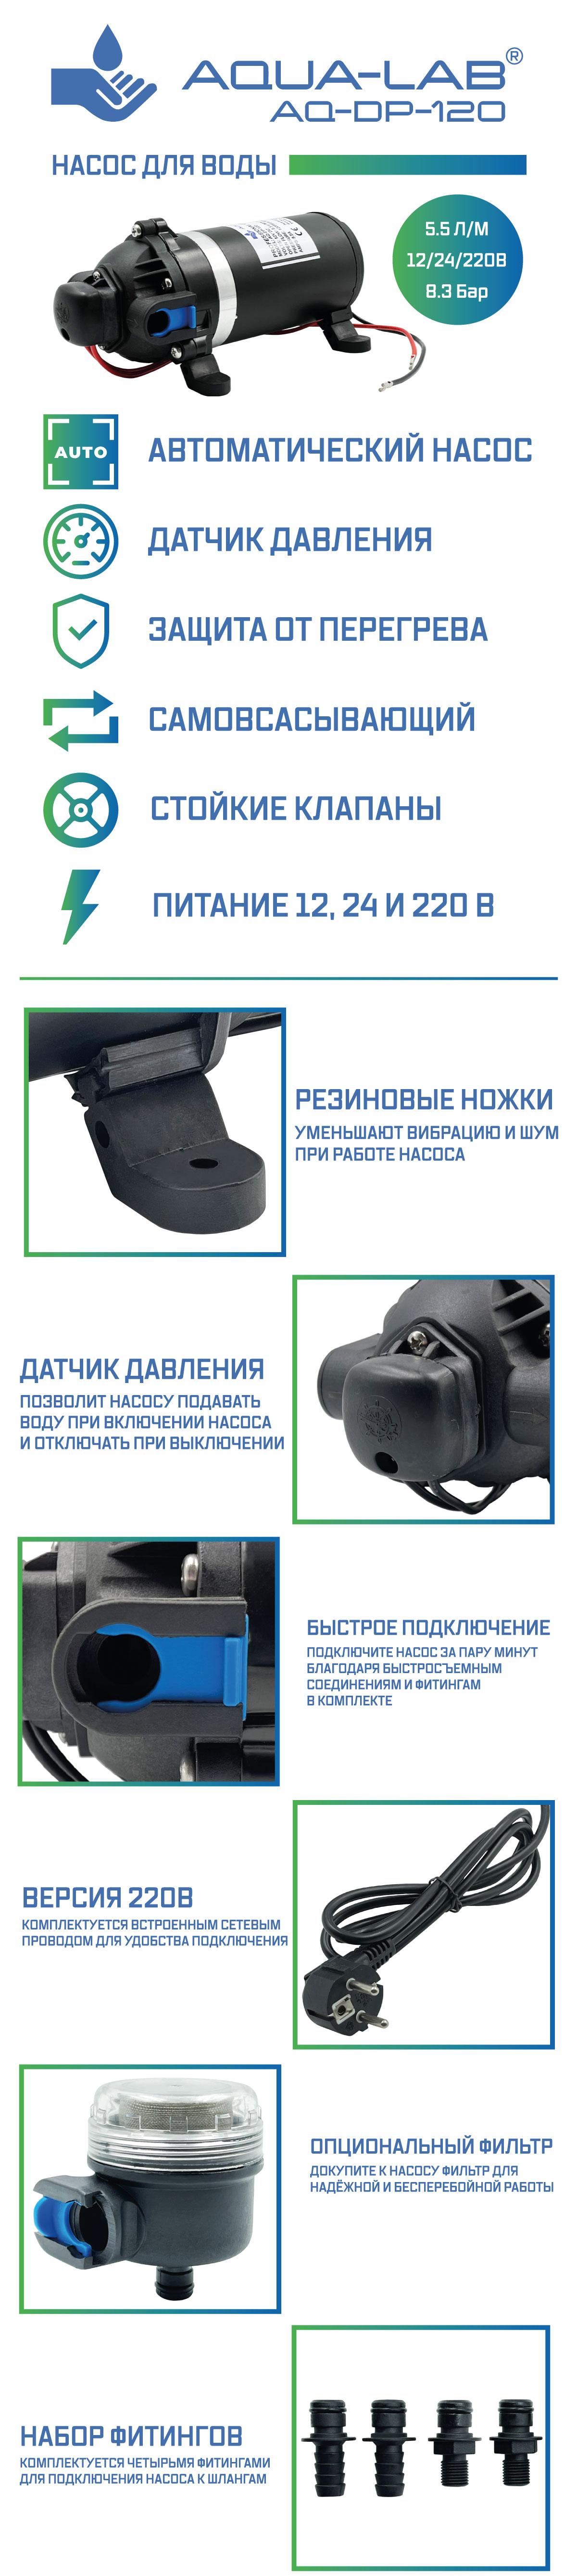 насос aq-dp-120